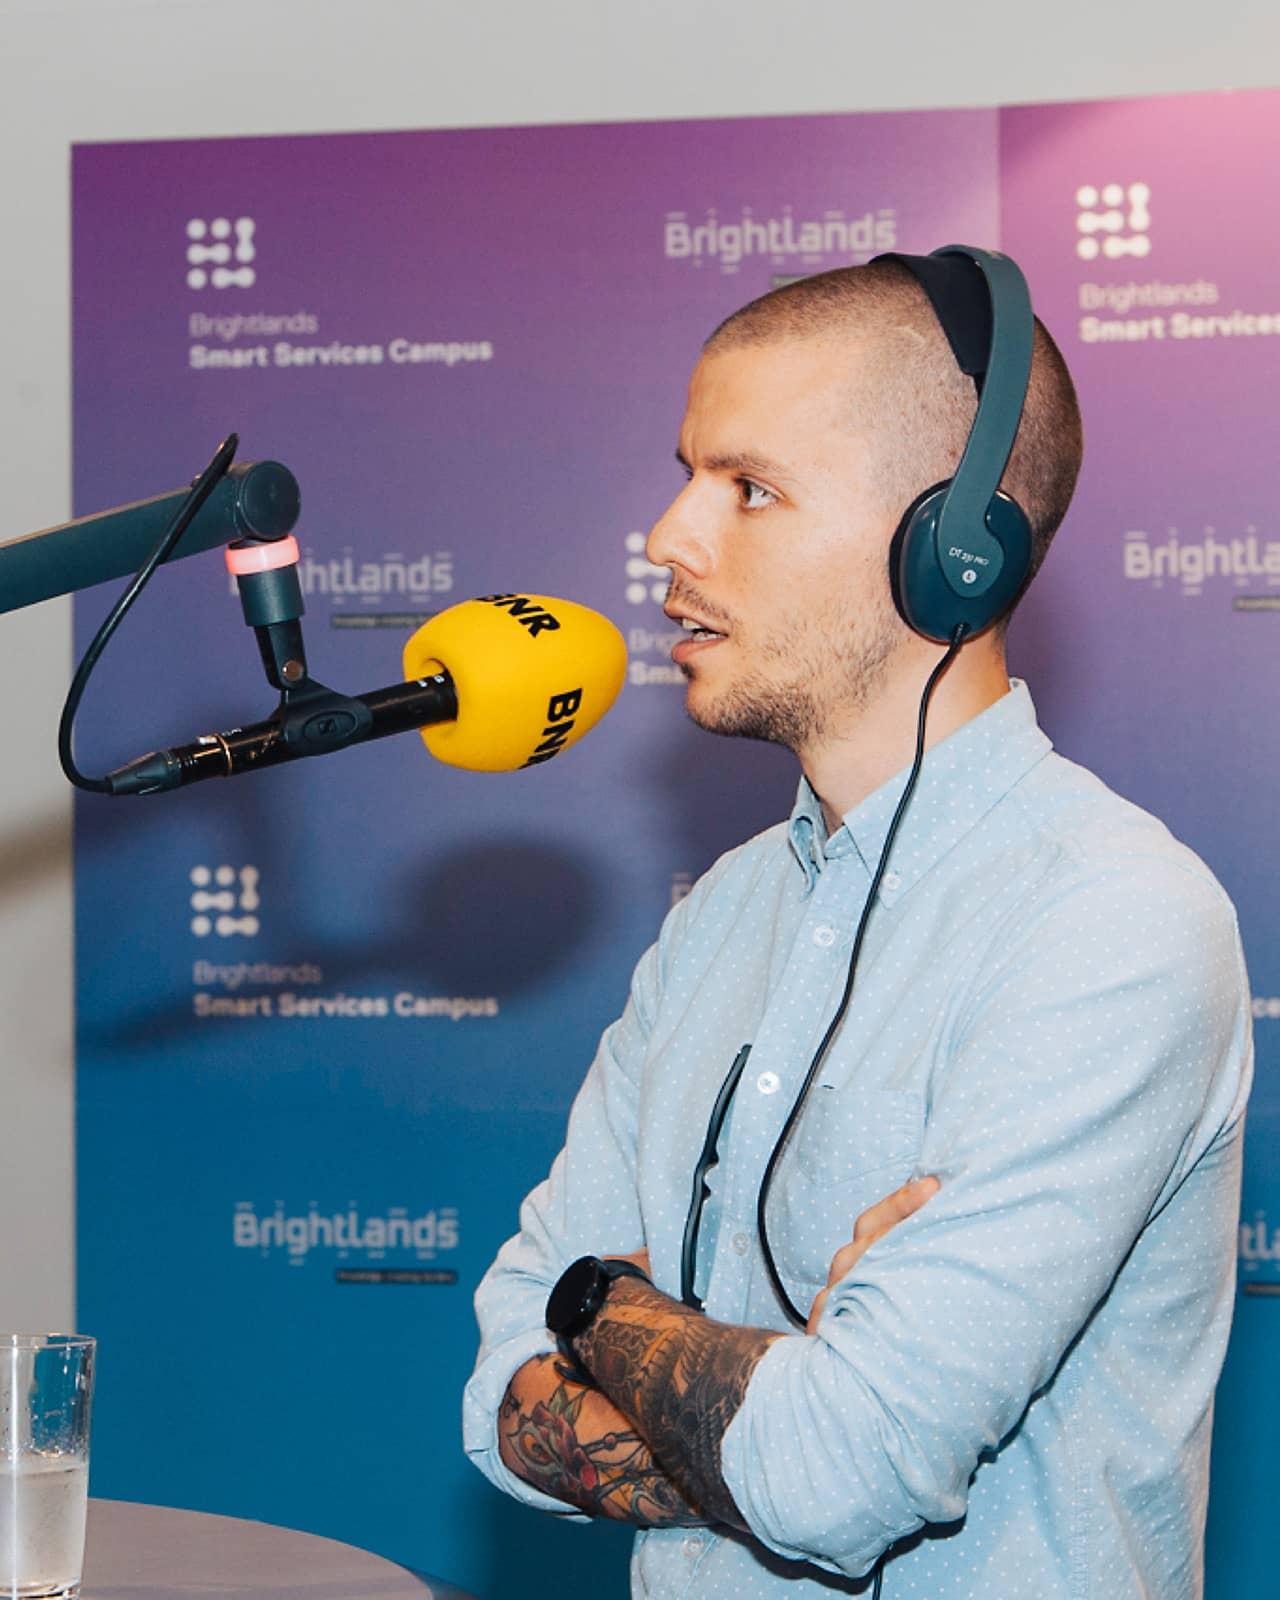 Uitzending van BNR Nieuwsradio voor de opening van Brightlands Smart Services Campus in Heerlen